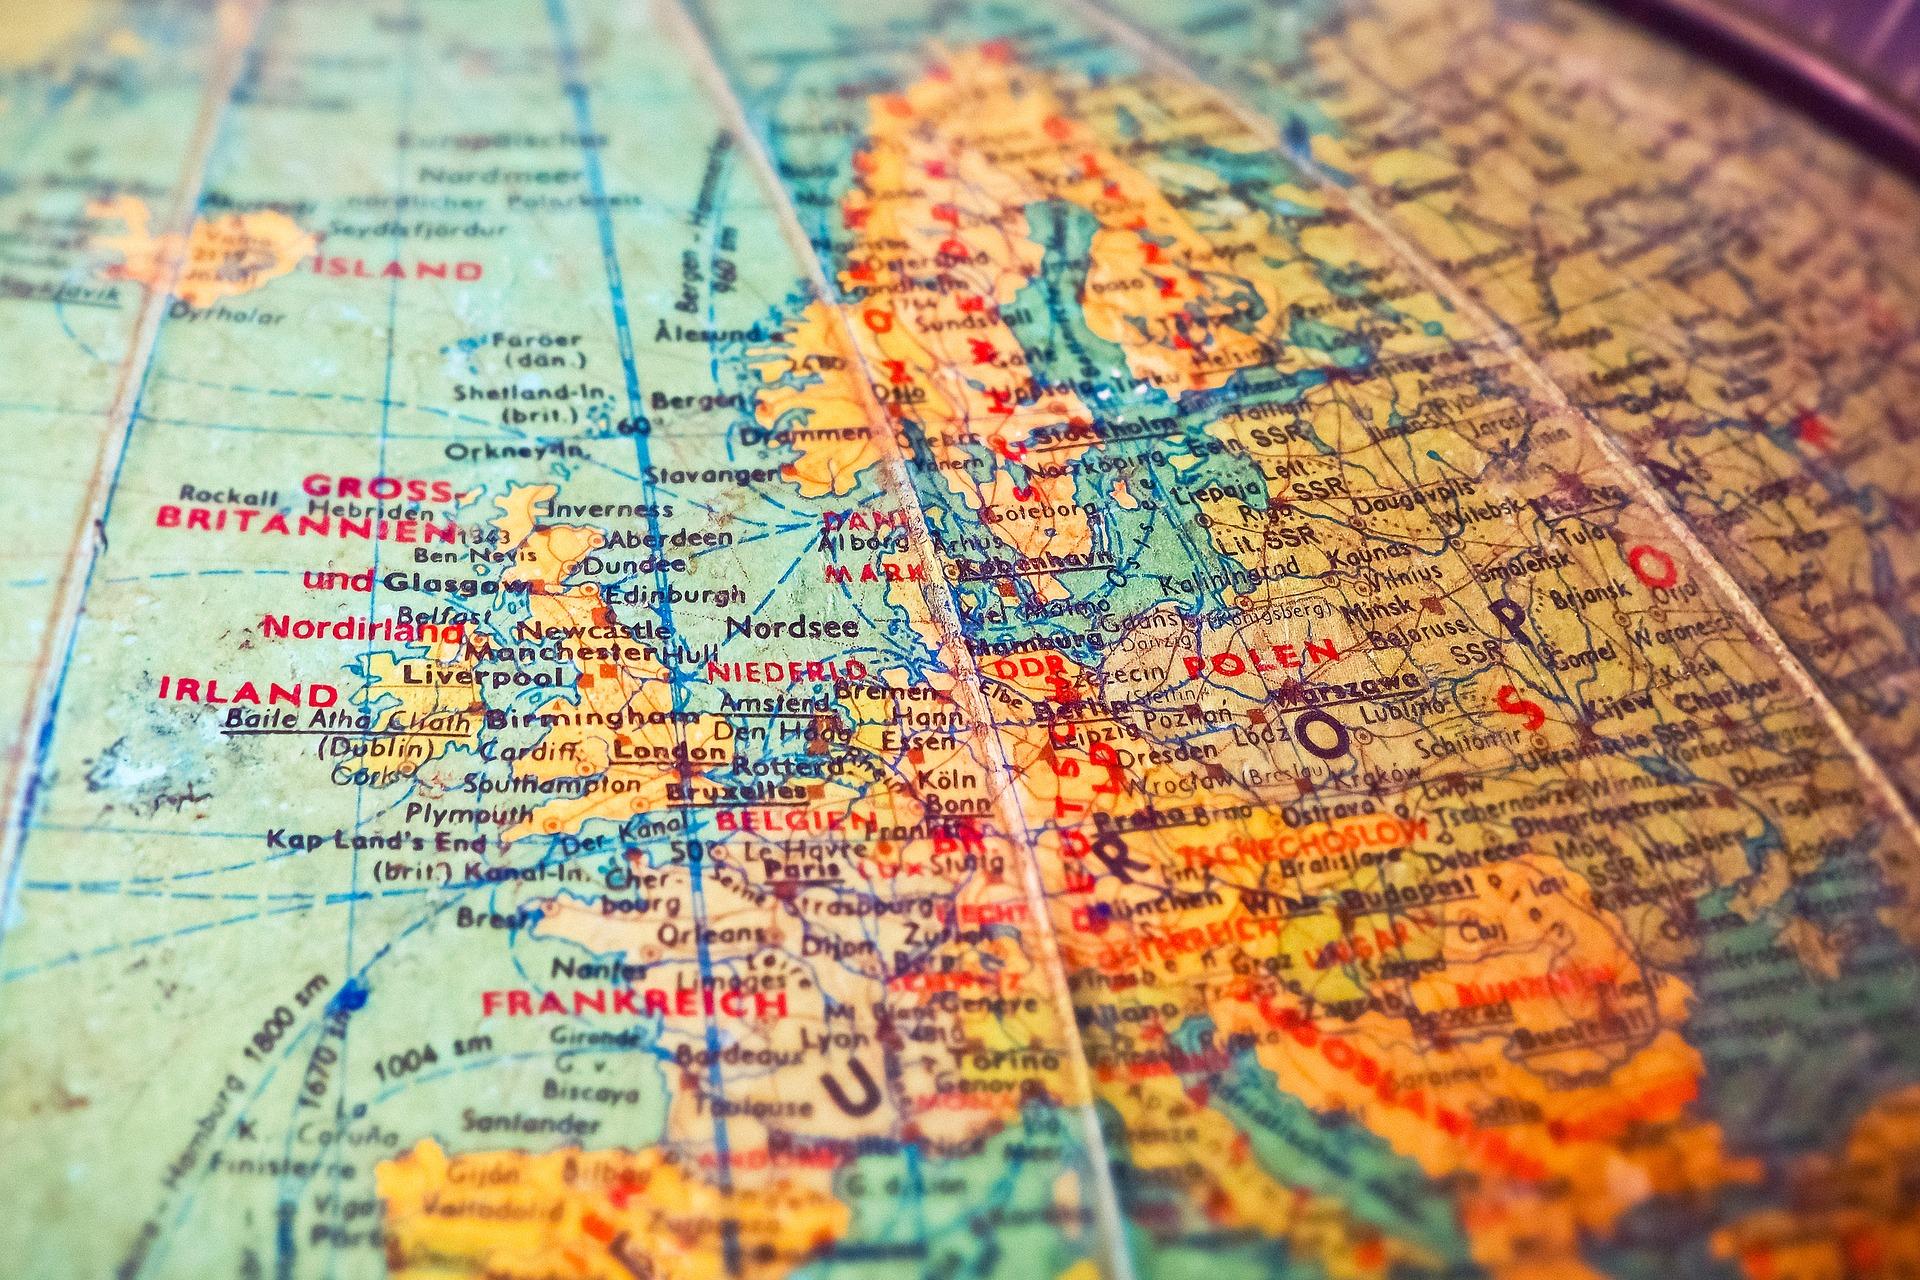 Siamo al 10° posto in Europa per l'assistenza alle persone con demenza - Featured image